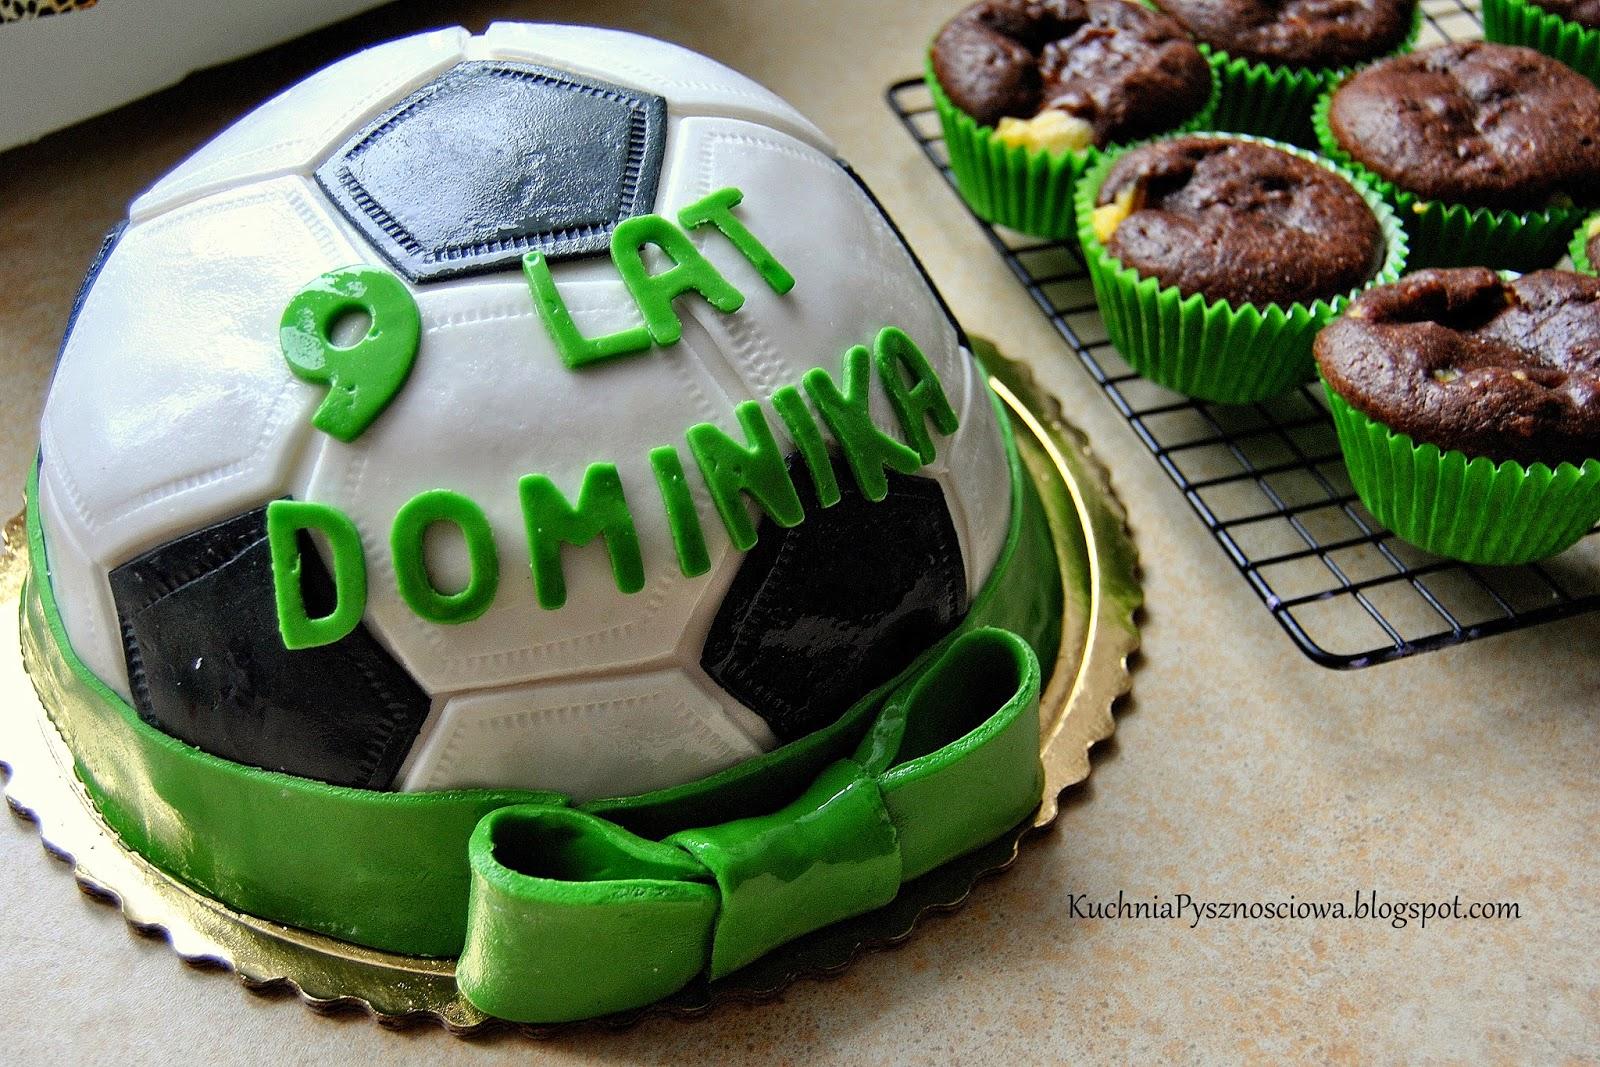 Krótka piłka...tort z piłką do nogi i cała góra muffinków